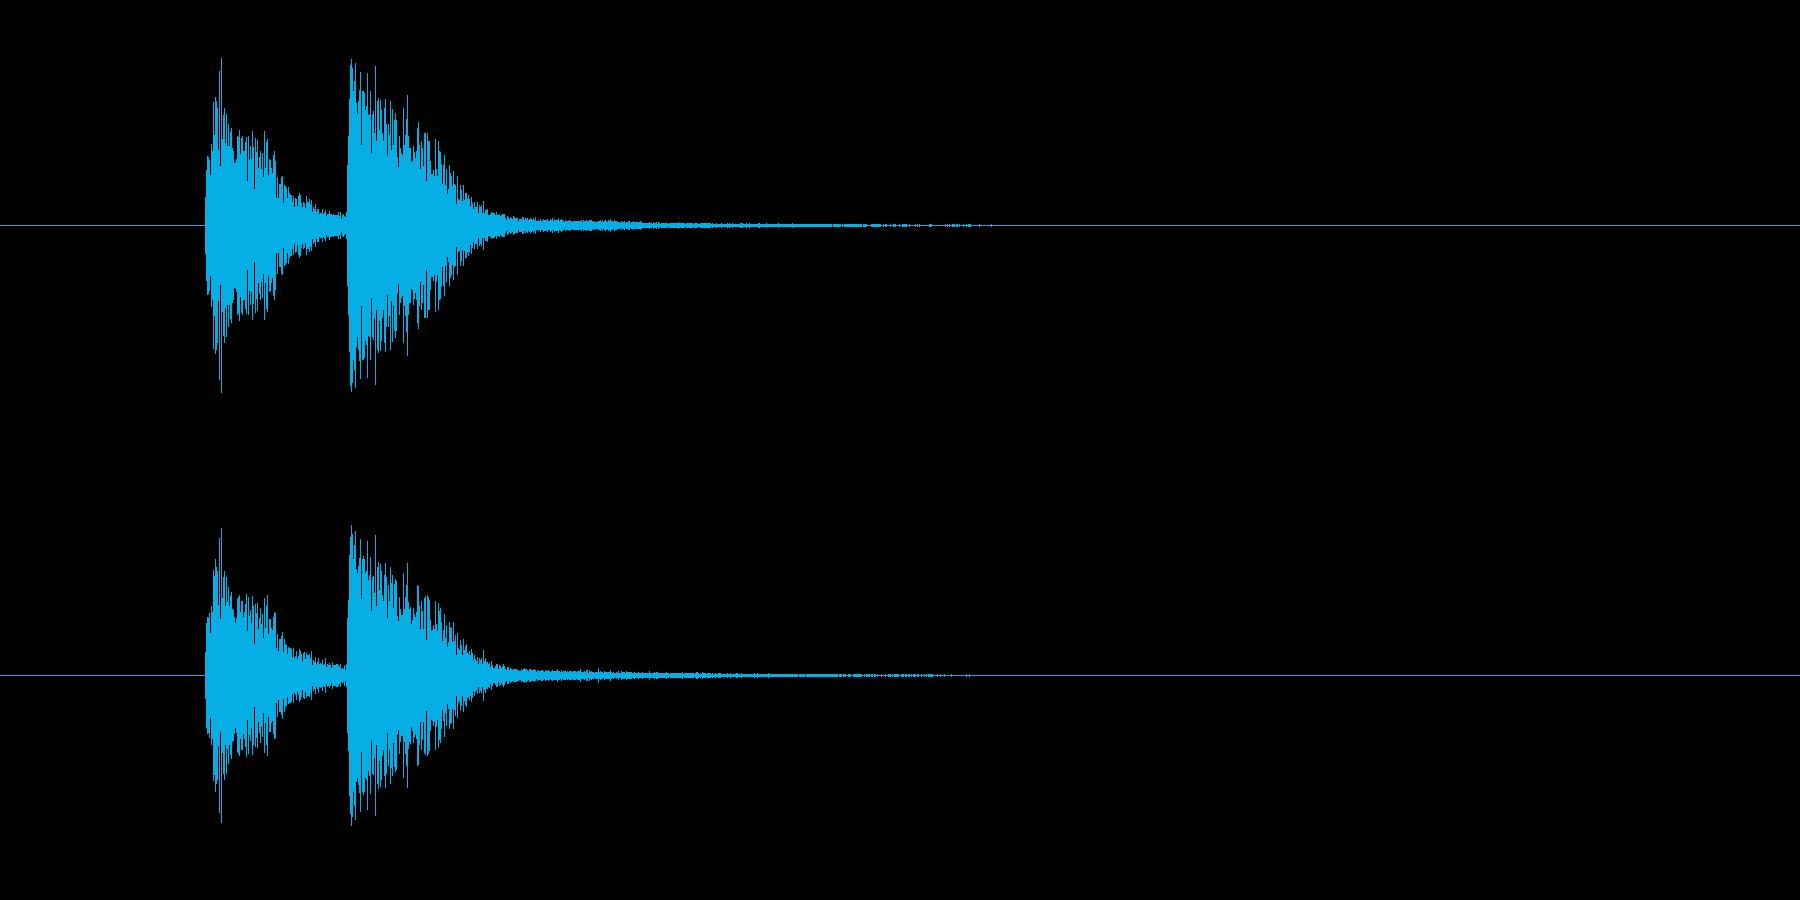 ズッチャン(オルガン等のお知らせ音)の再生済みの波形